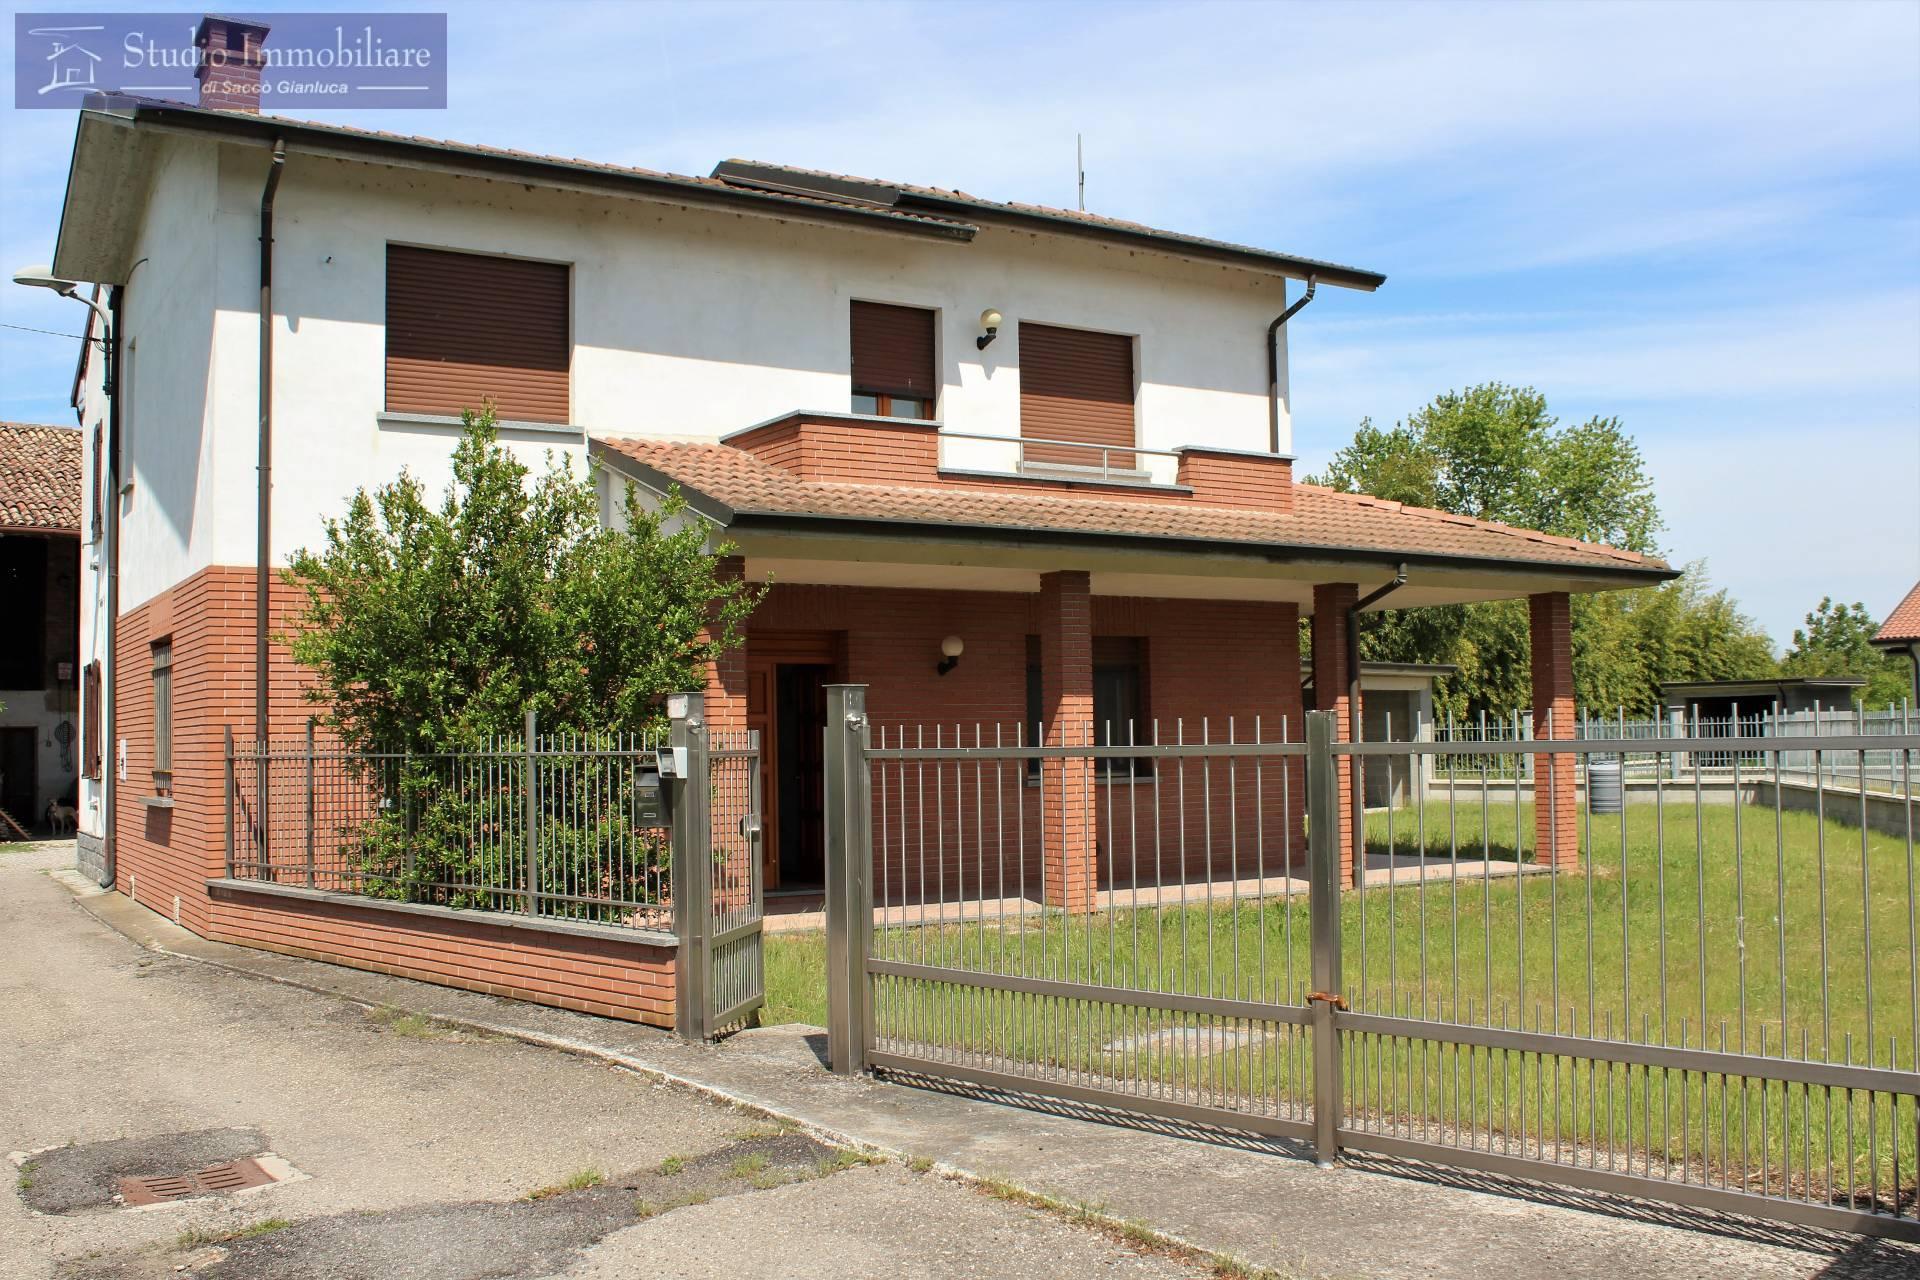 Soluzione Indipendente in vendita a Lungavilla, 4 locali, prezzo € 189.000 | CambioCasa.it